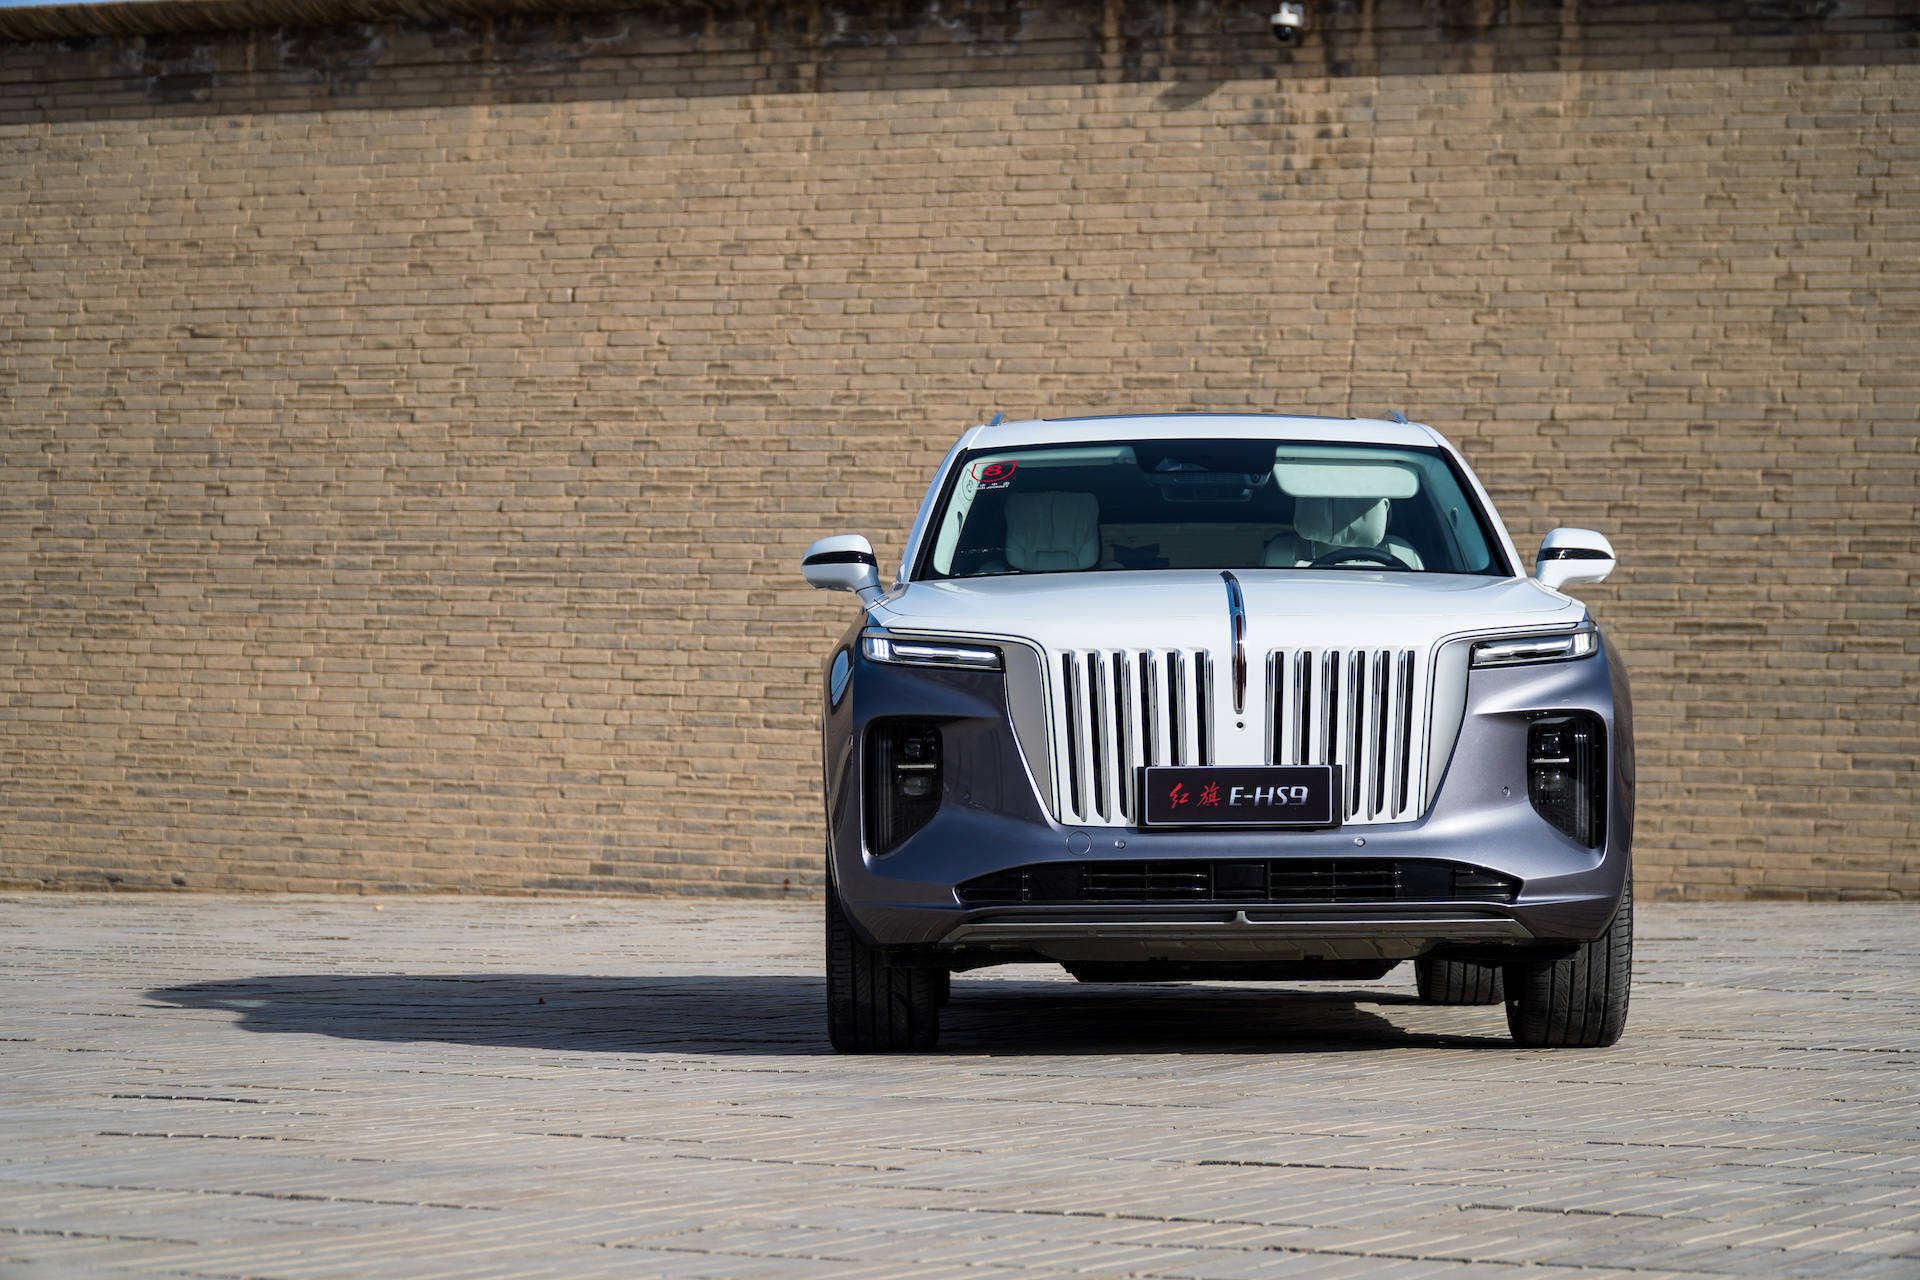 来年继续战个痛快!盘点即将在2021年上市的SUV